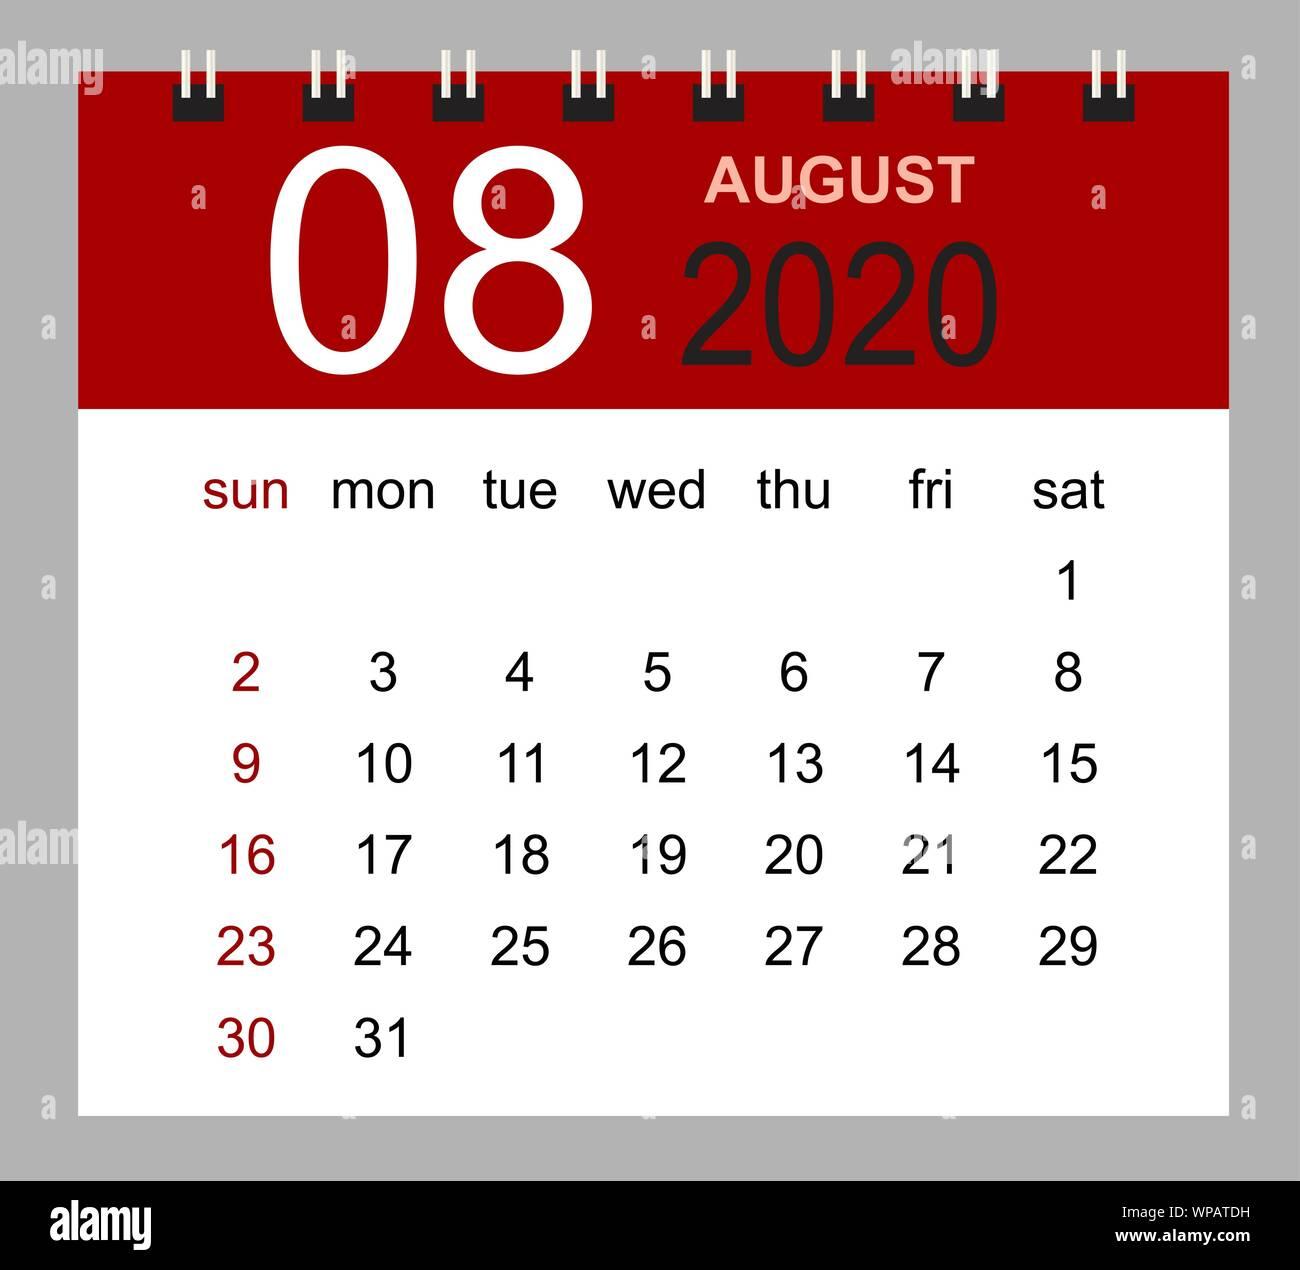 Calendrier Aout 2020.Calendrier De Bureau Simple Pour Aout 2020 Semaine Commence